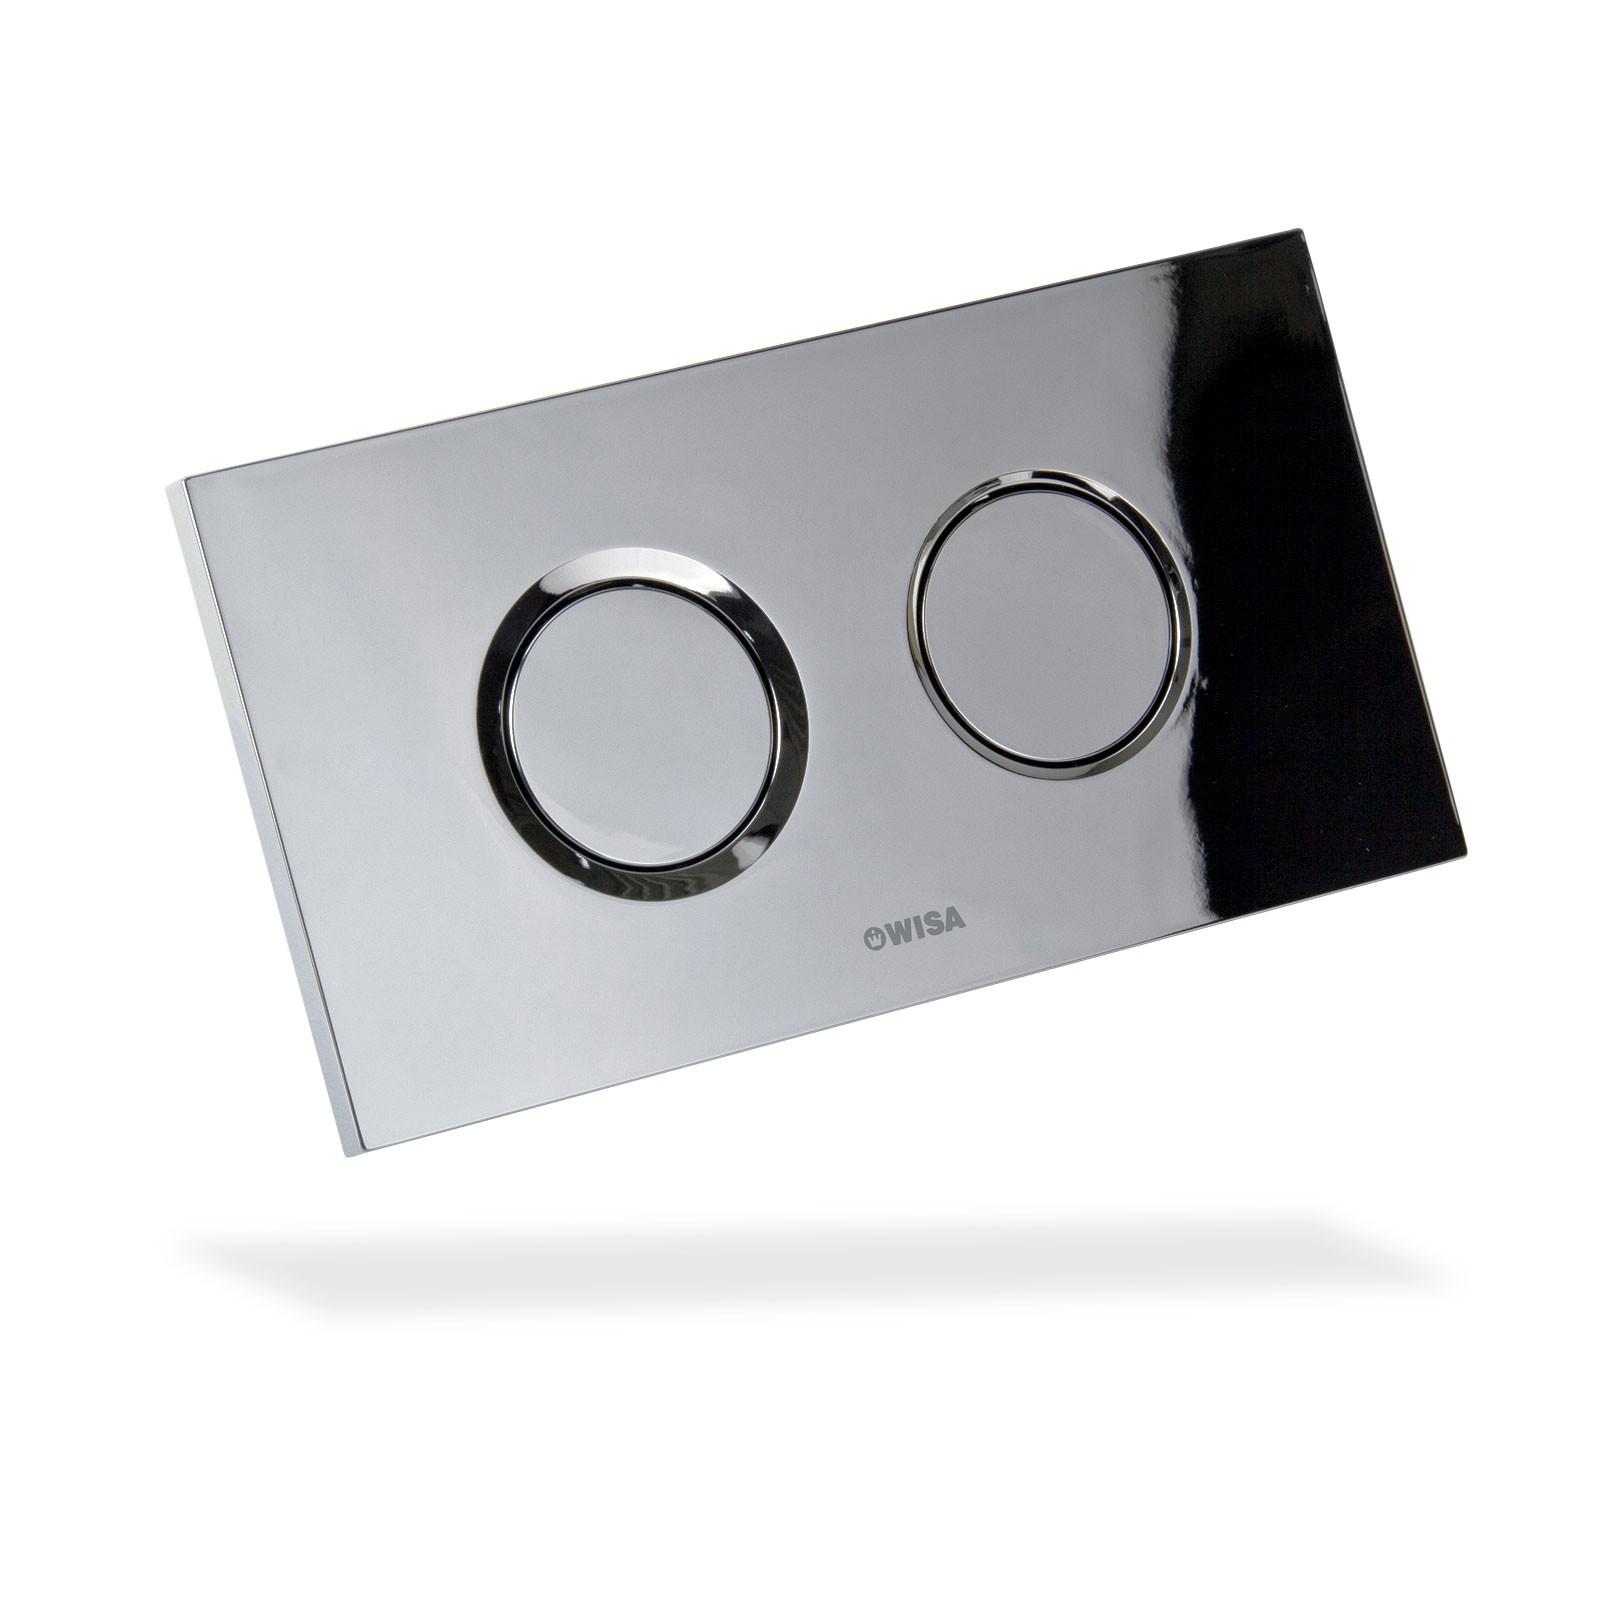 wisa dr ckerplatte ersatzteile abdeckung ablauf dusche. Black Bedroom Furniture Sets. Home Design Ideas